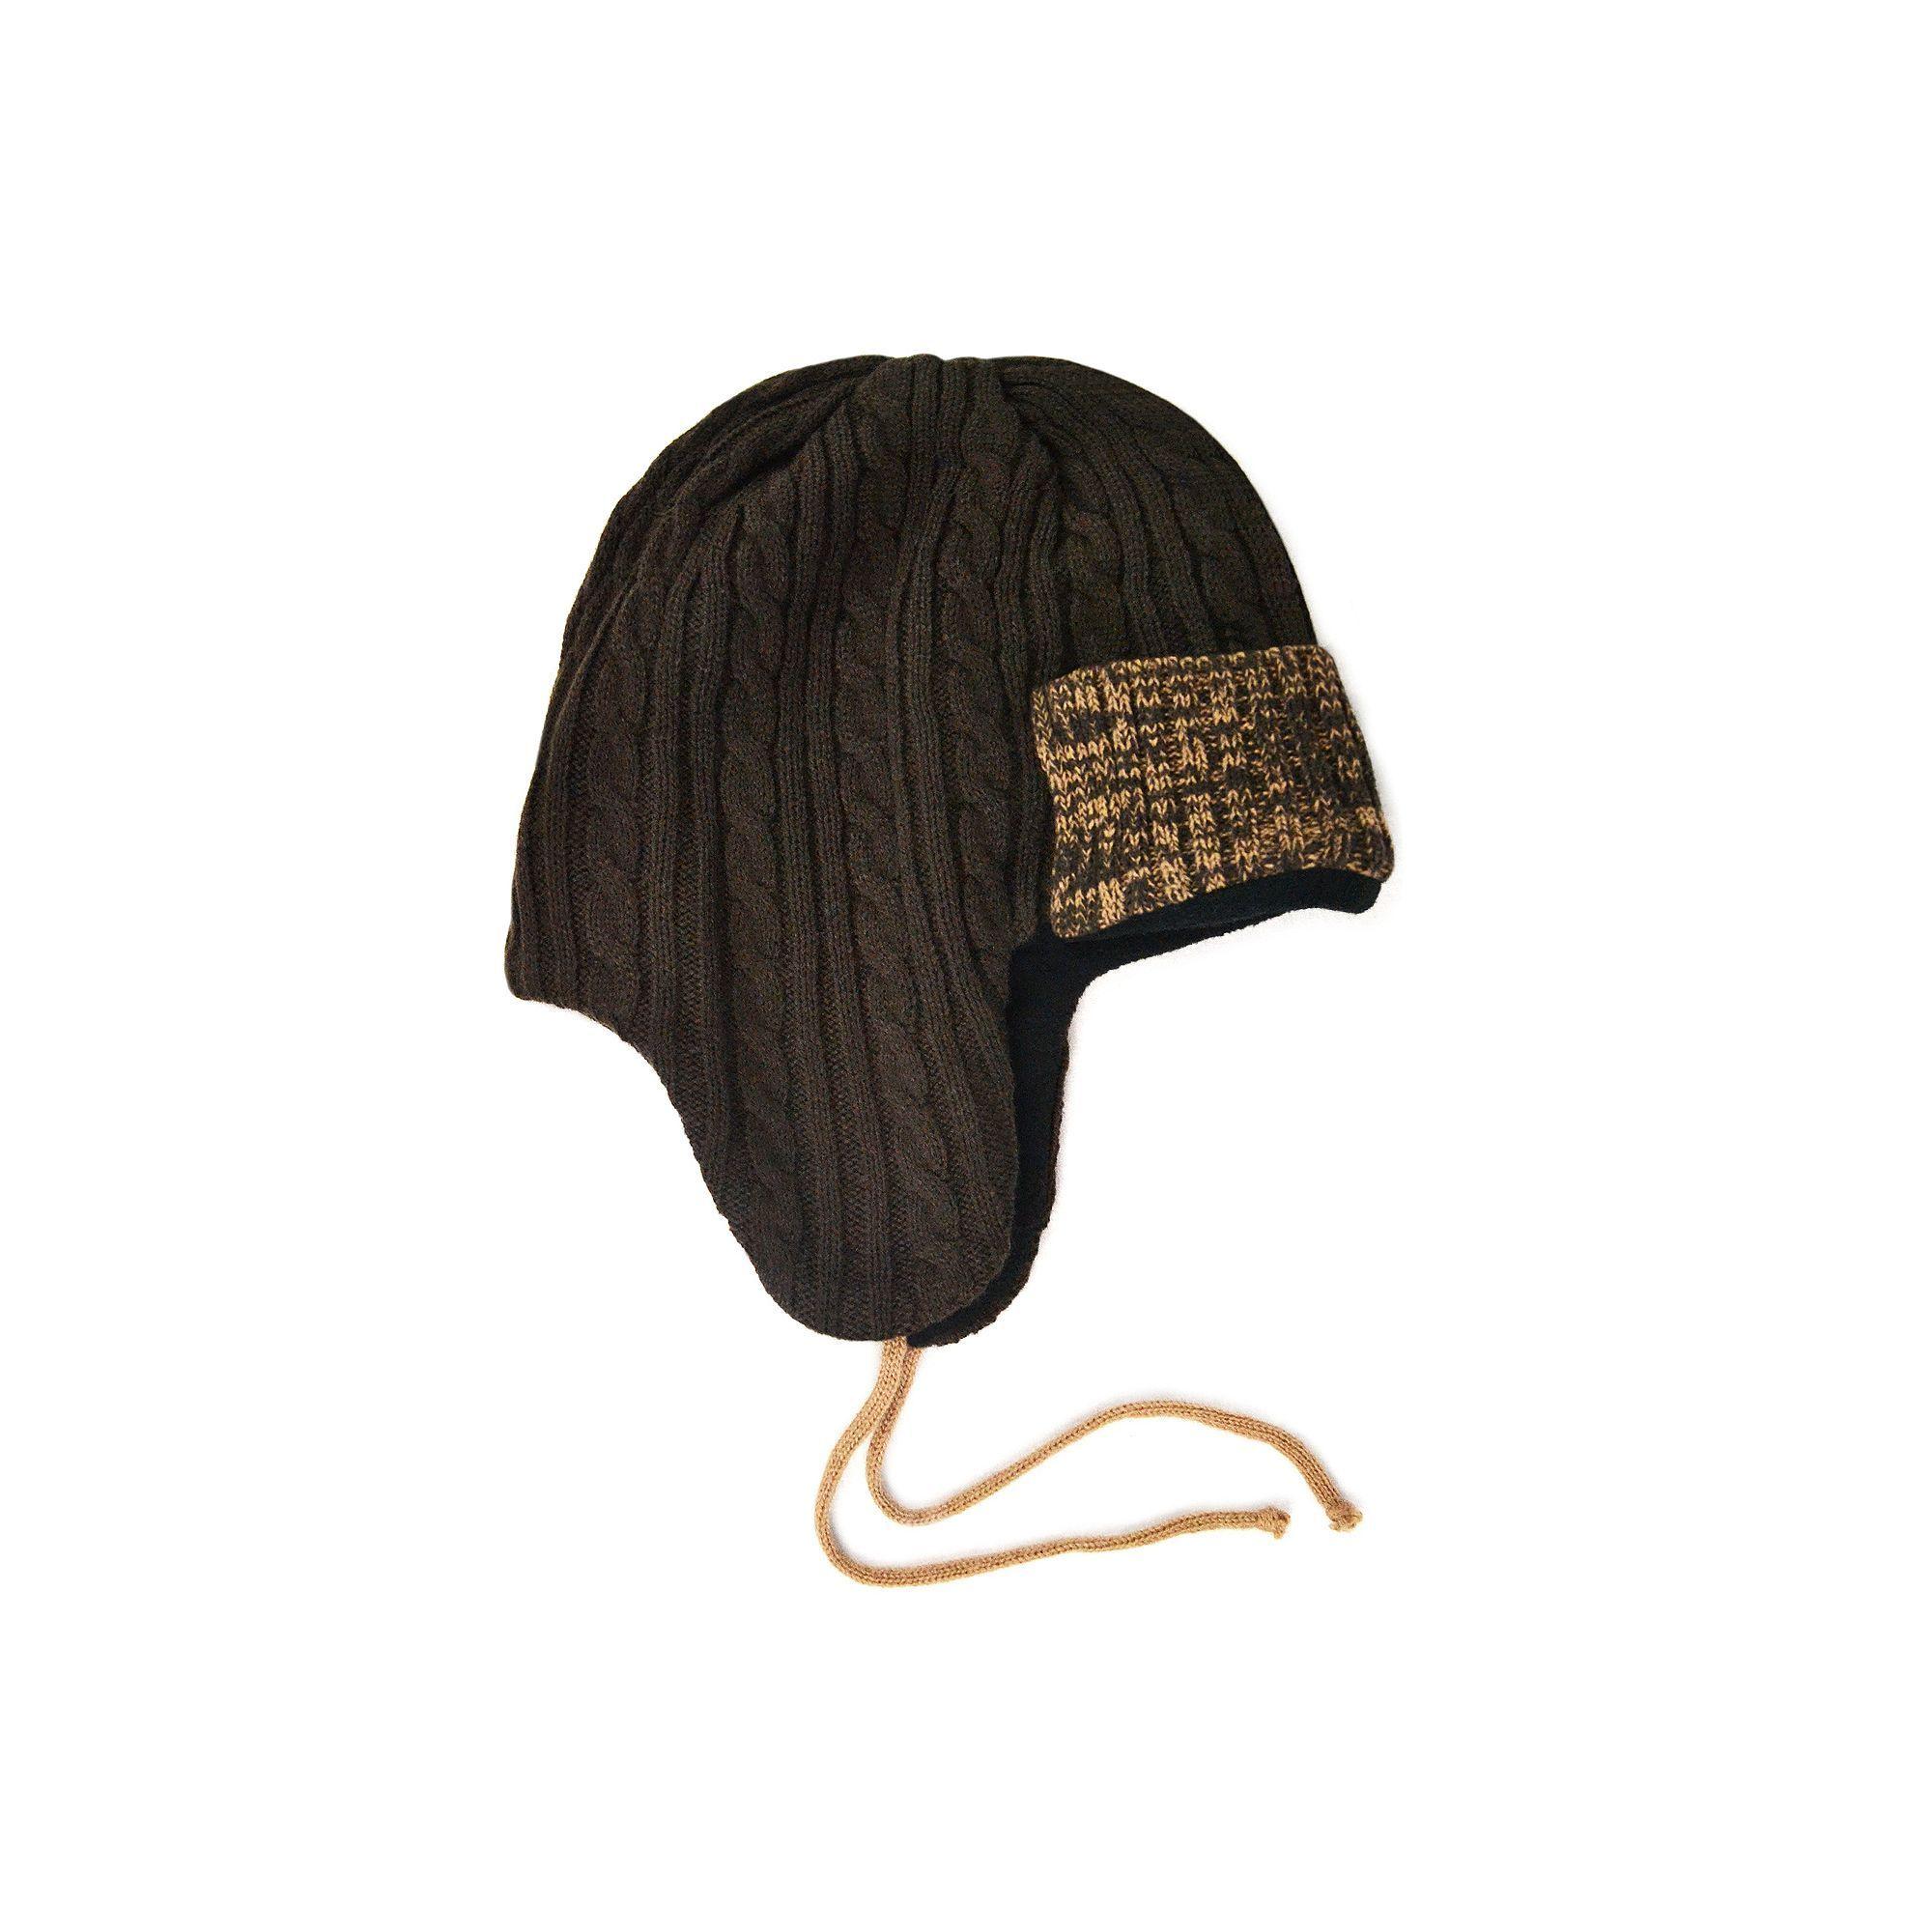 9ac887d02f6ec MUK LUKS Colorblock Cable-Knit Trapper Hat - Men